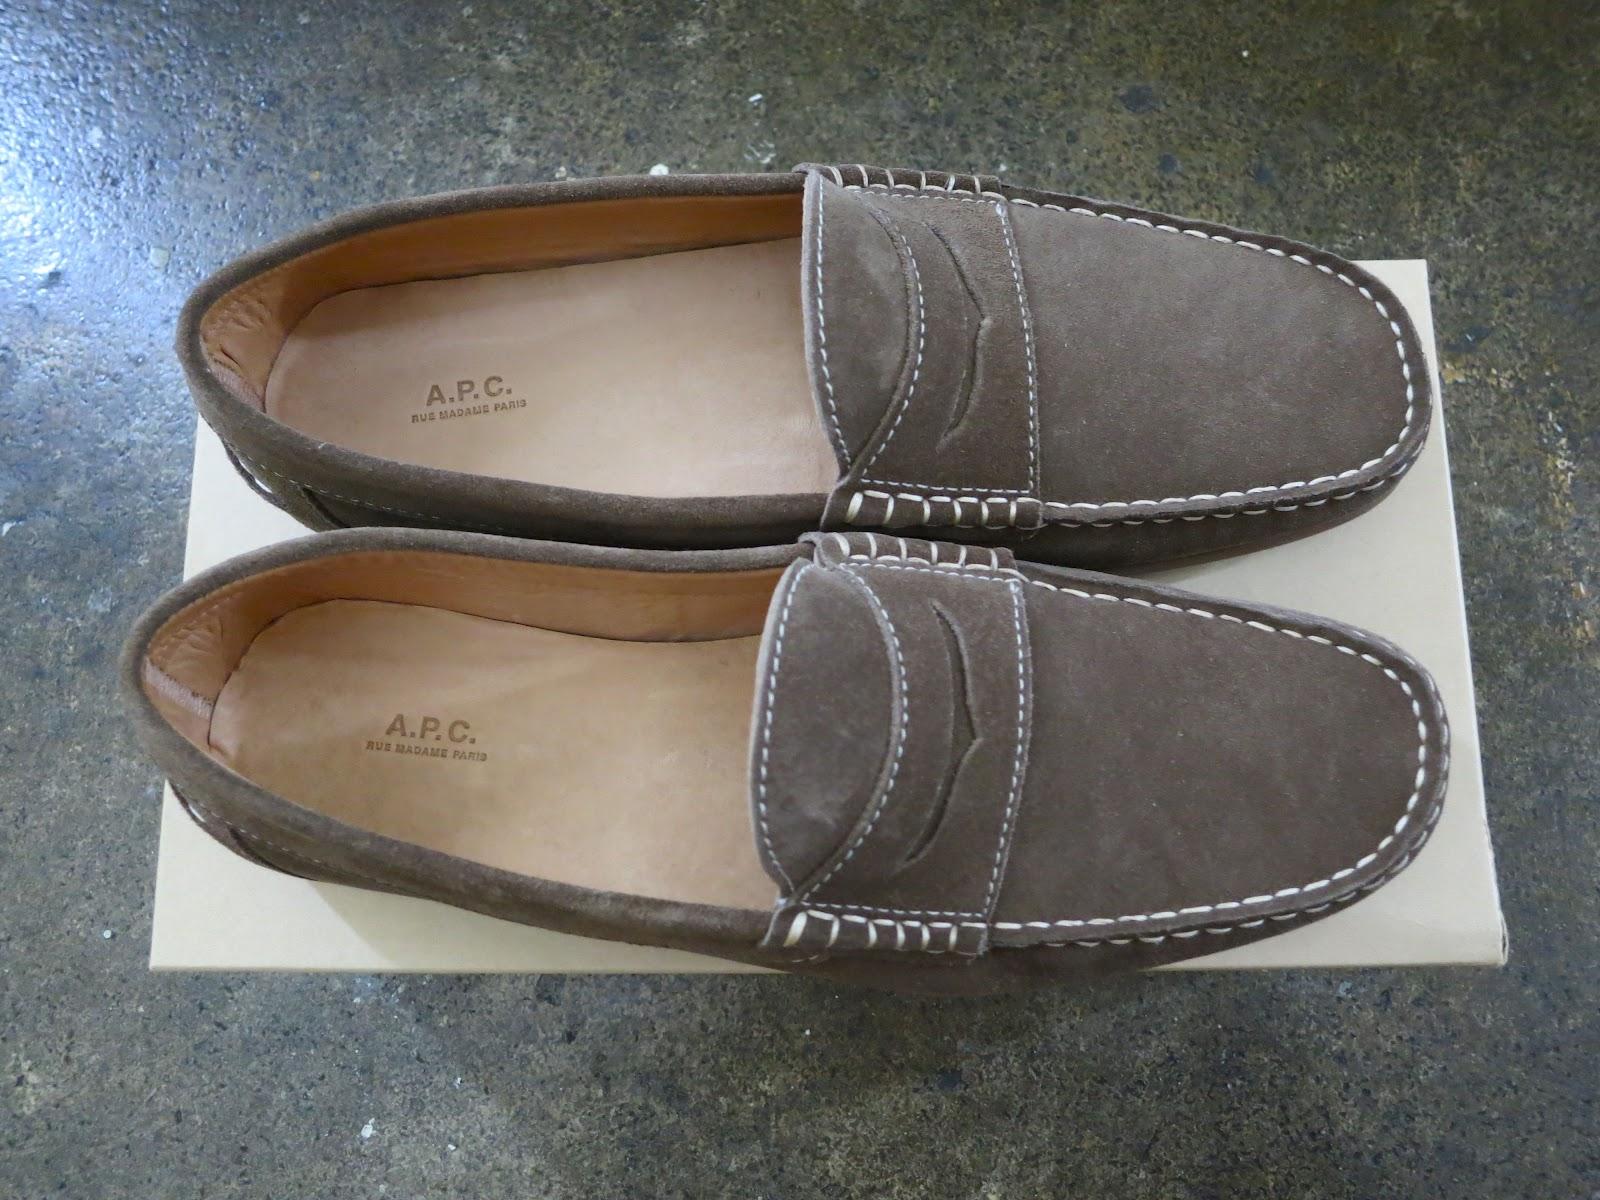 Toms Shoes Store San Antonio